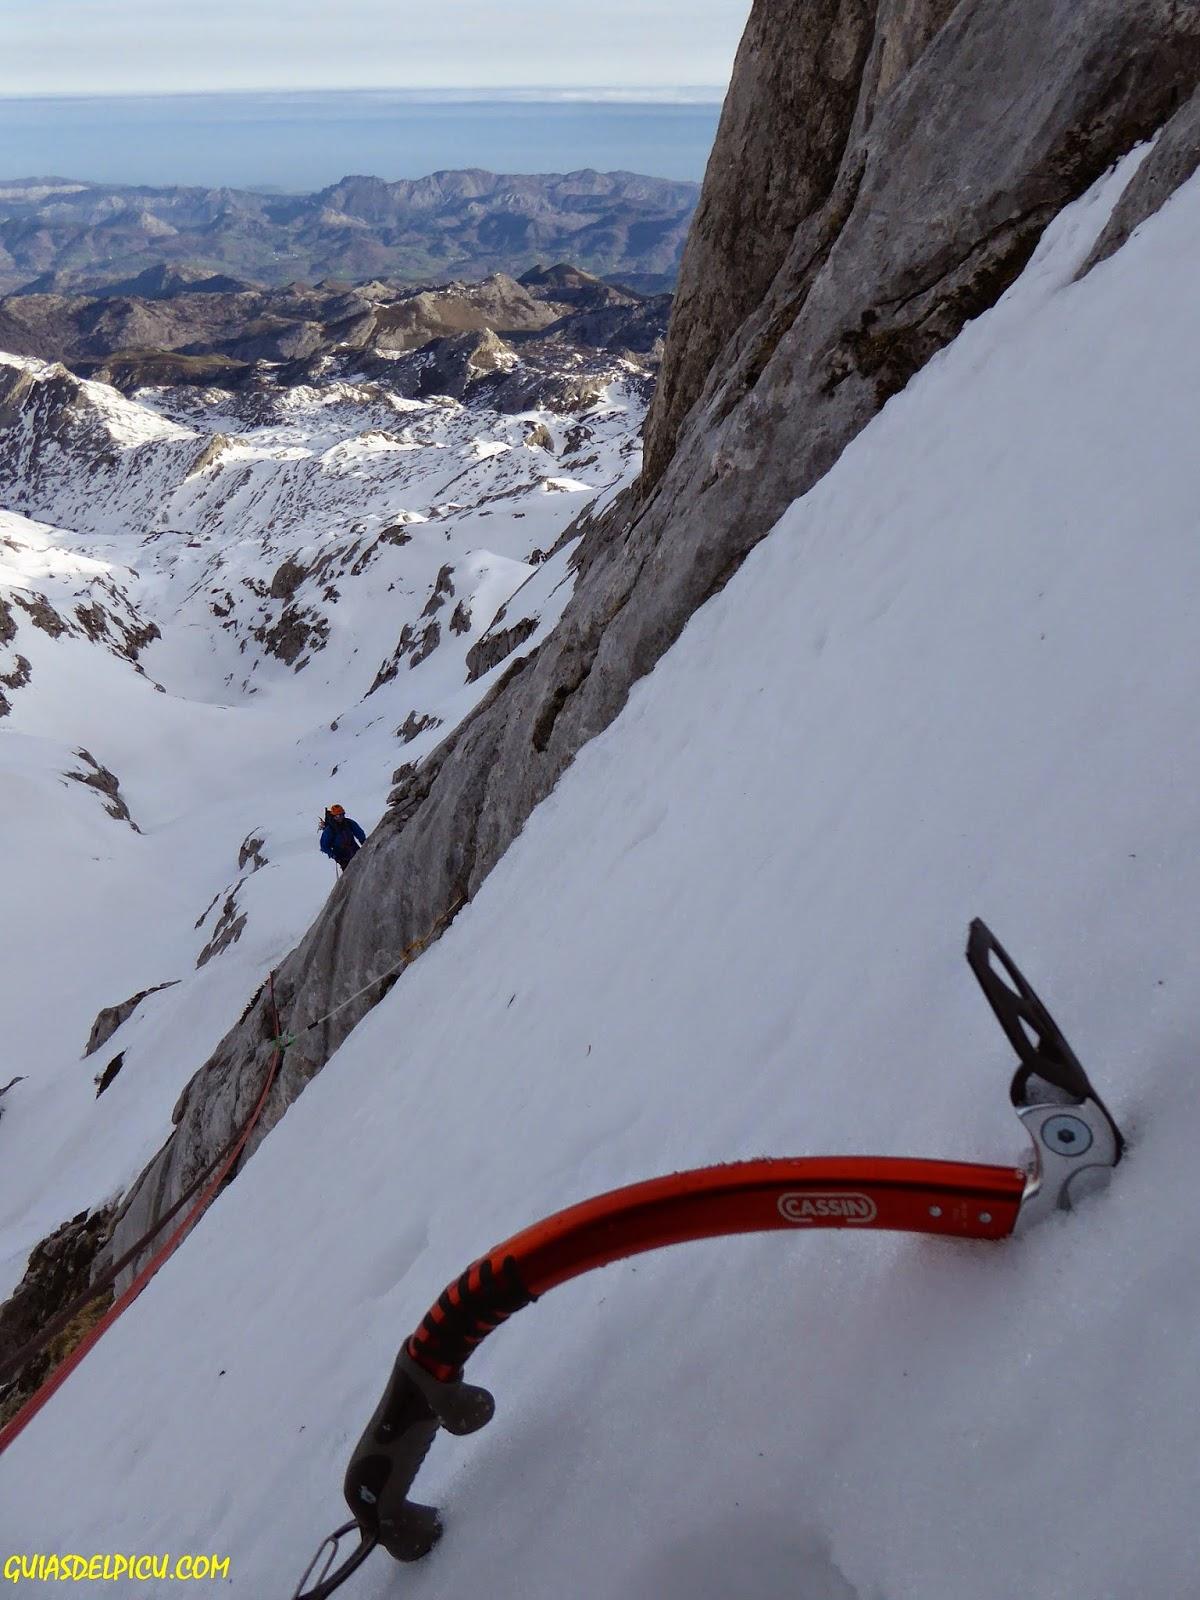 cassin x all mountain, fernando calvo guia de alta montaña